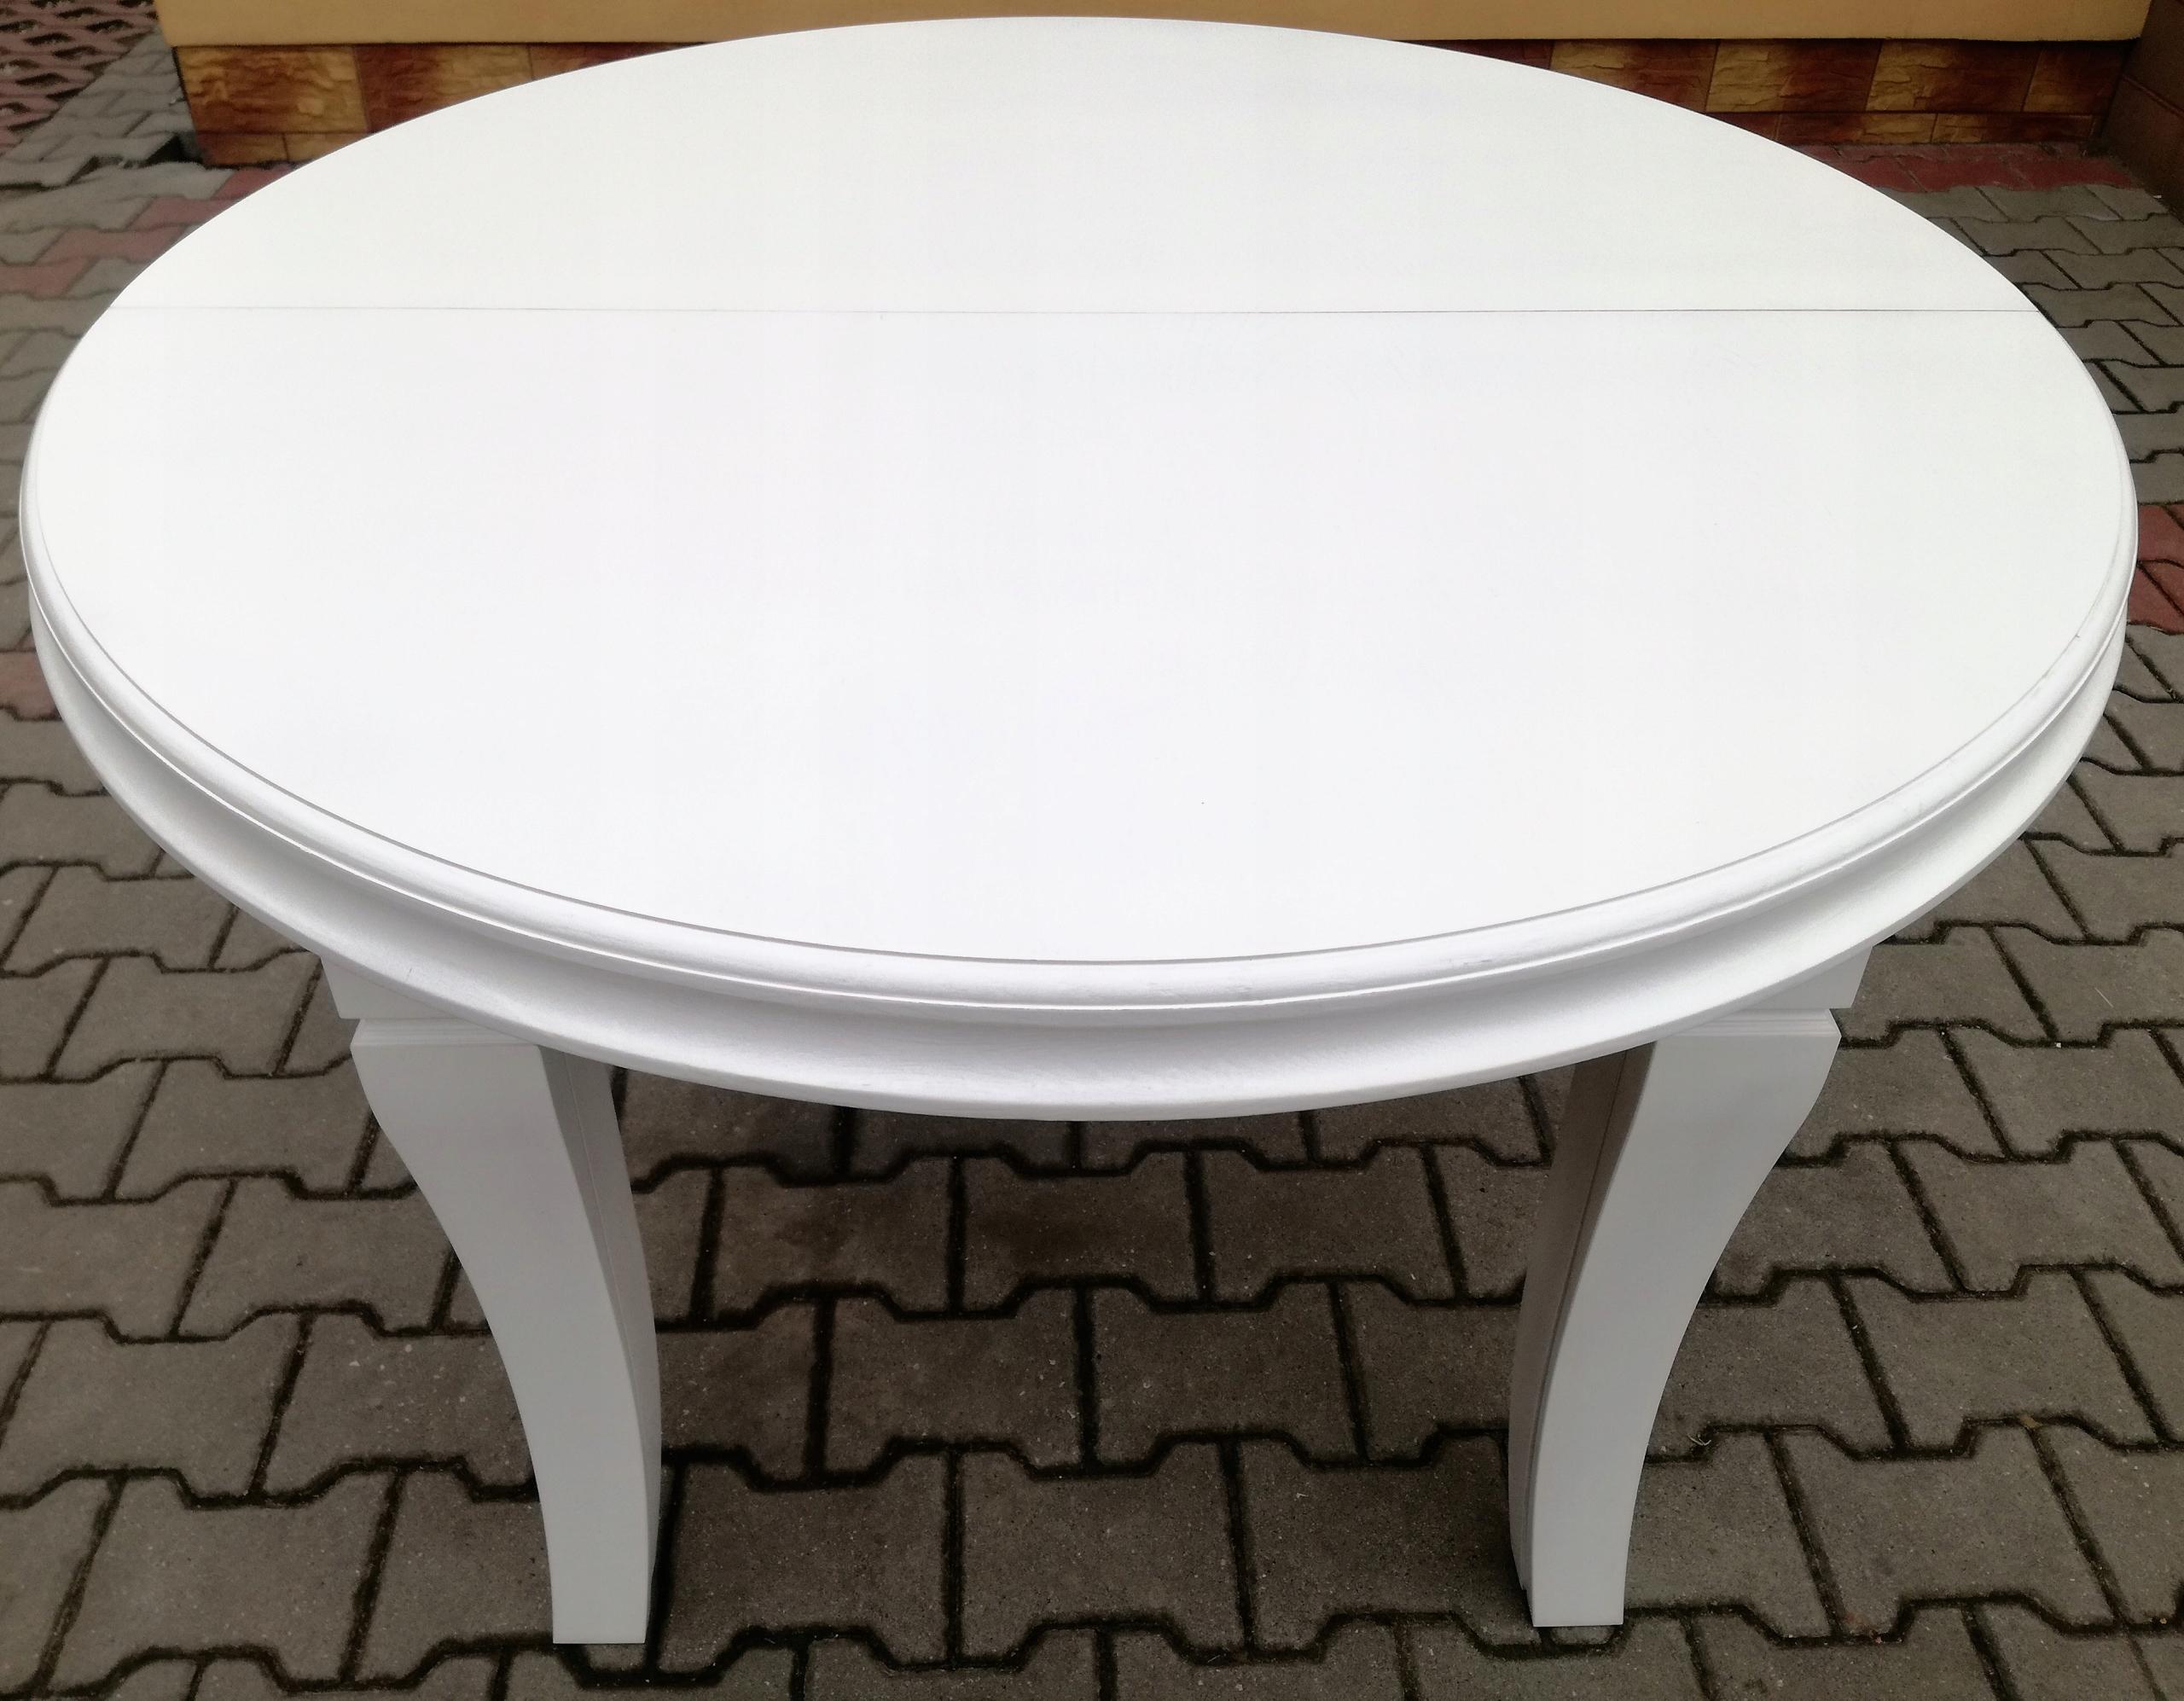 Okrúhly stôl, biely, 110 cm x 410 cm, 8 nožičiek